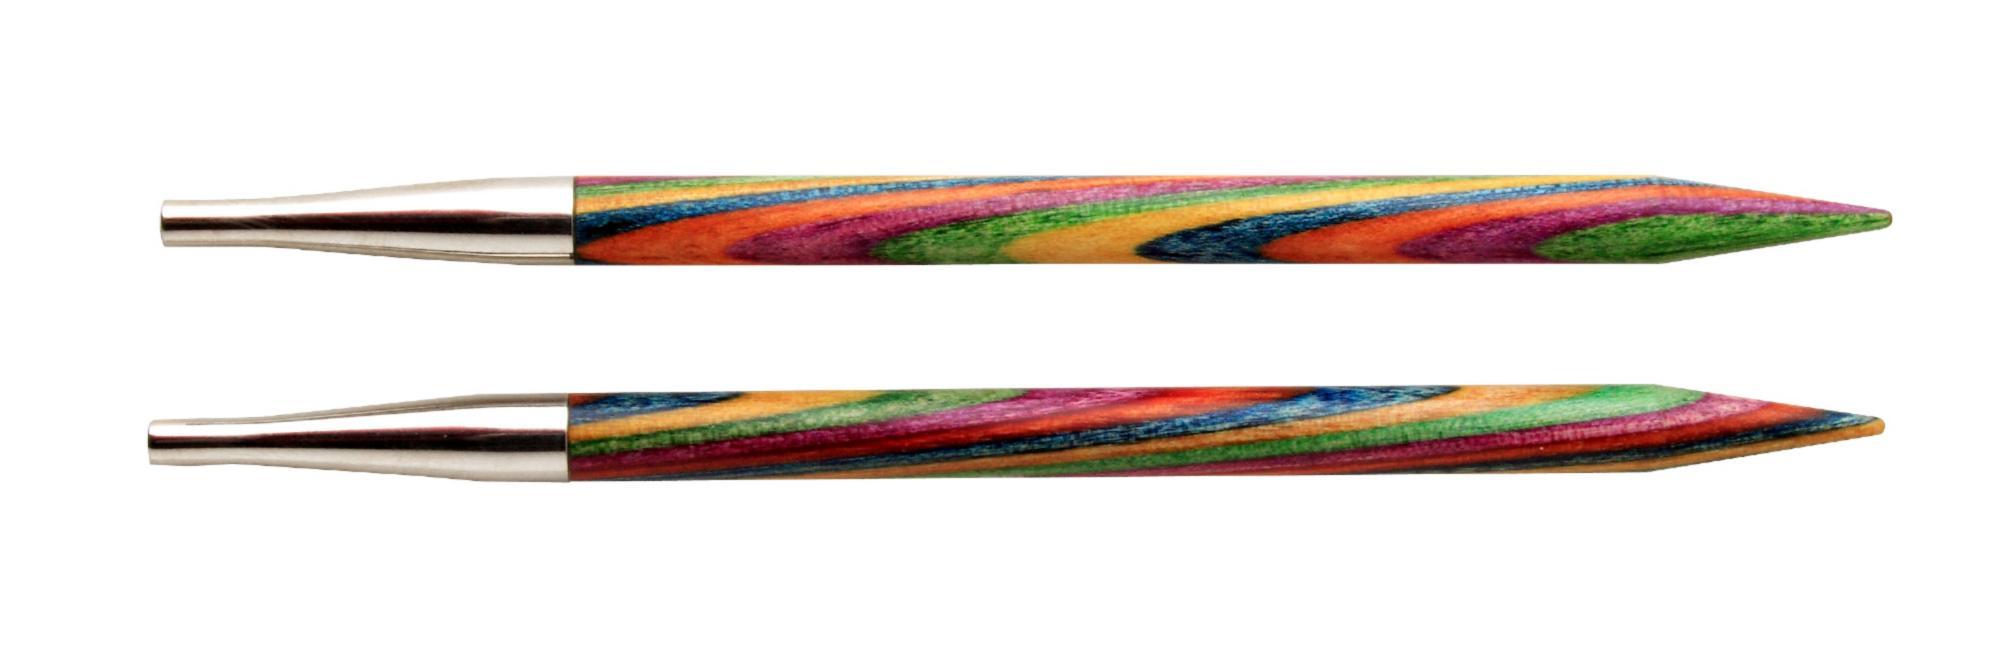 Спицы съемные Symfonie Wood KnitPro, 20403, 4.00 мм